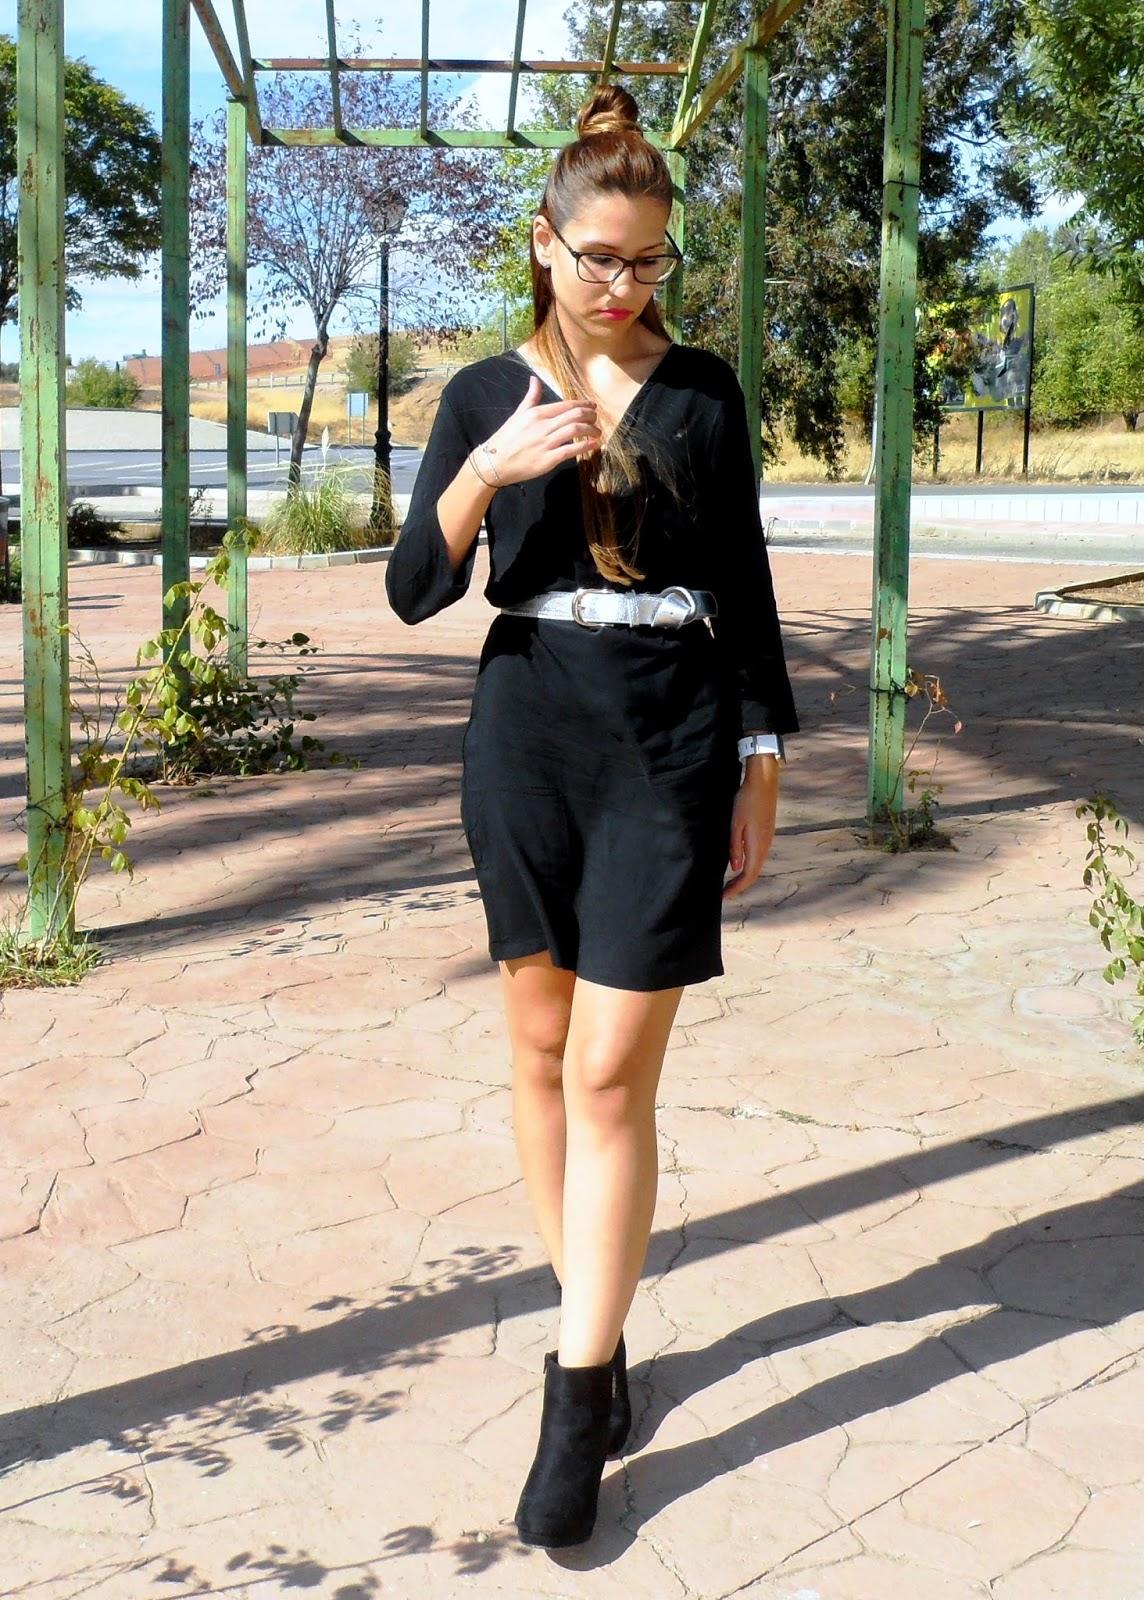 Vestido negro cremallera y botines de ante